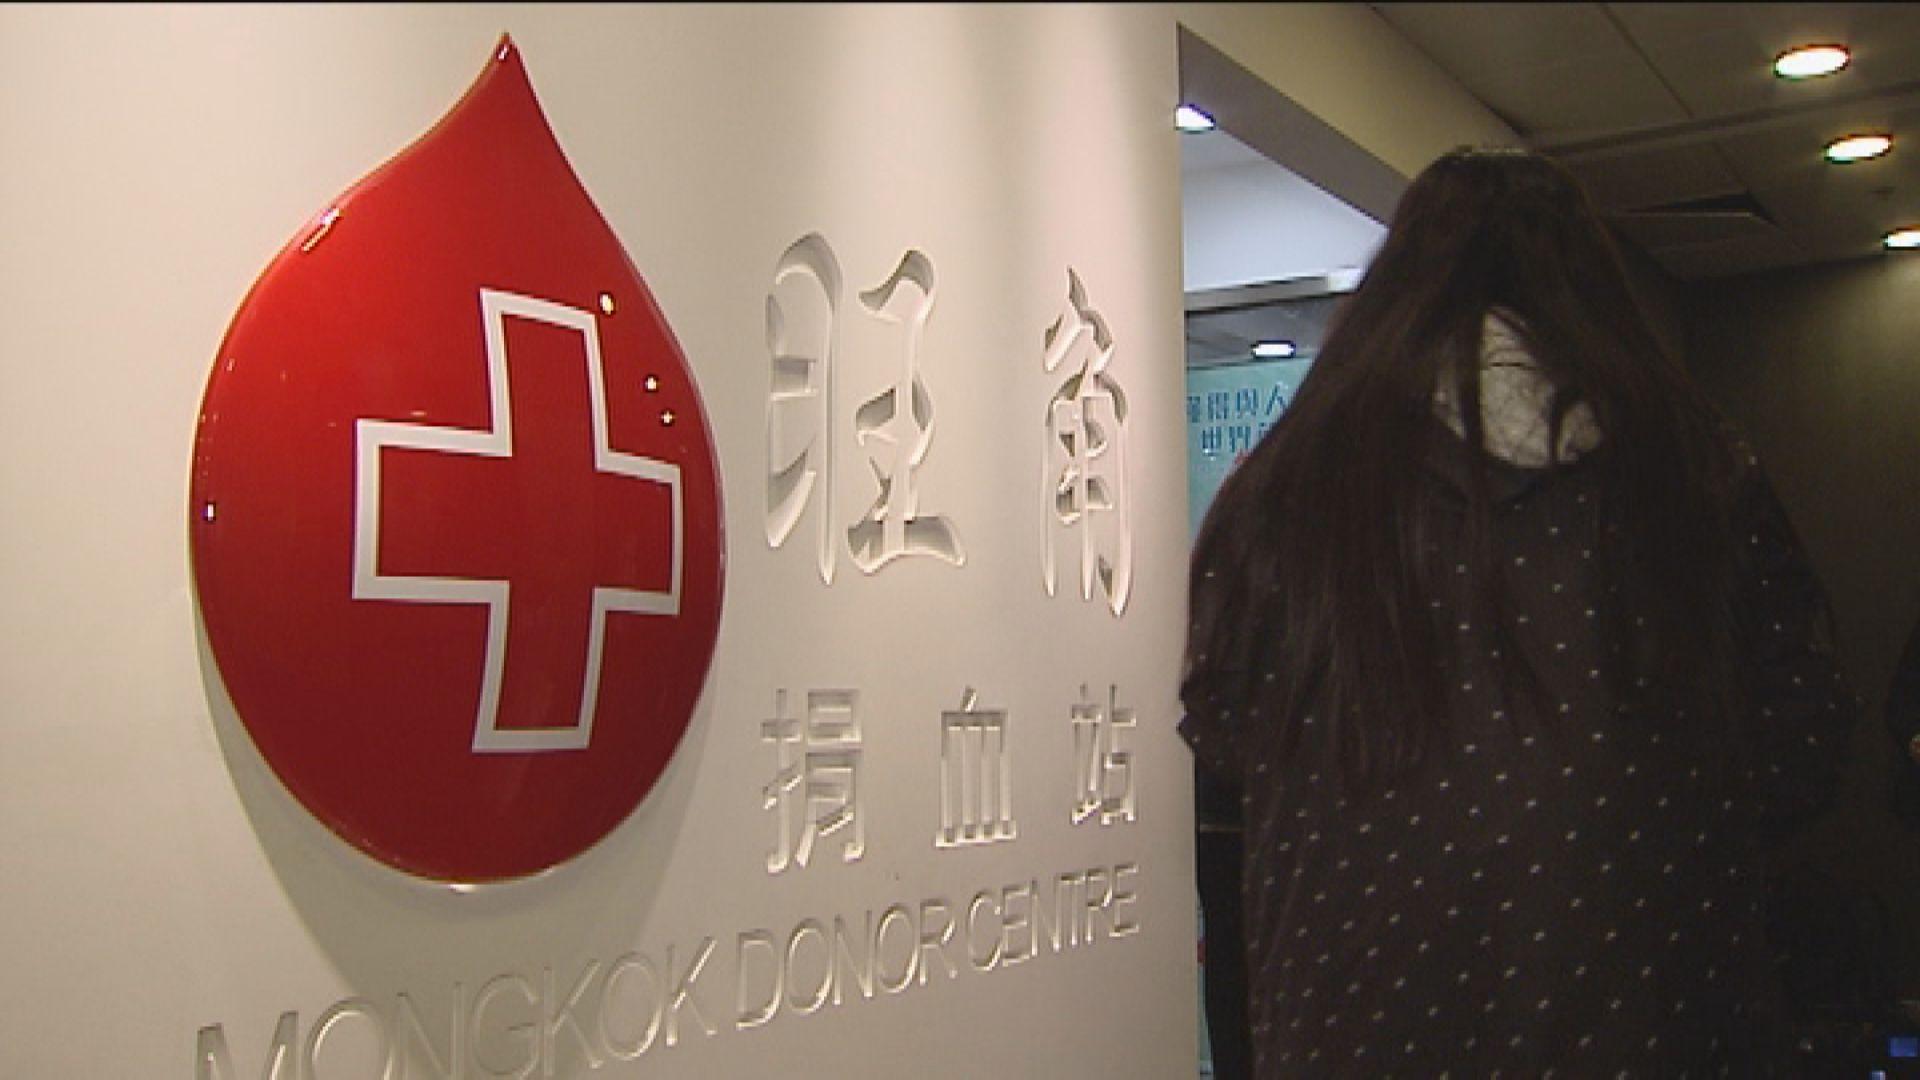 香港紅十字會:所有人離境後返港28日內不可捐血